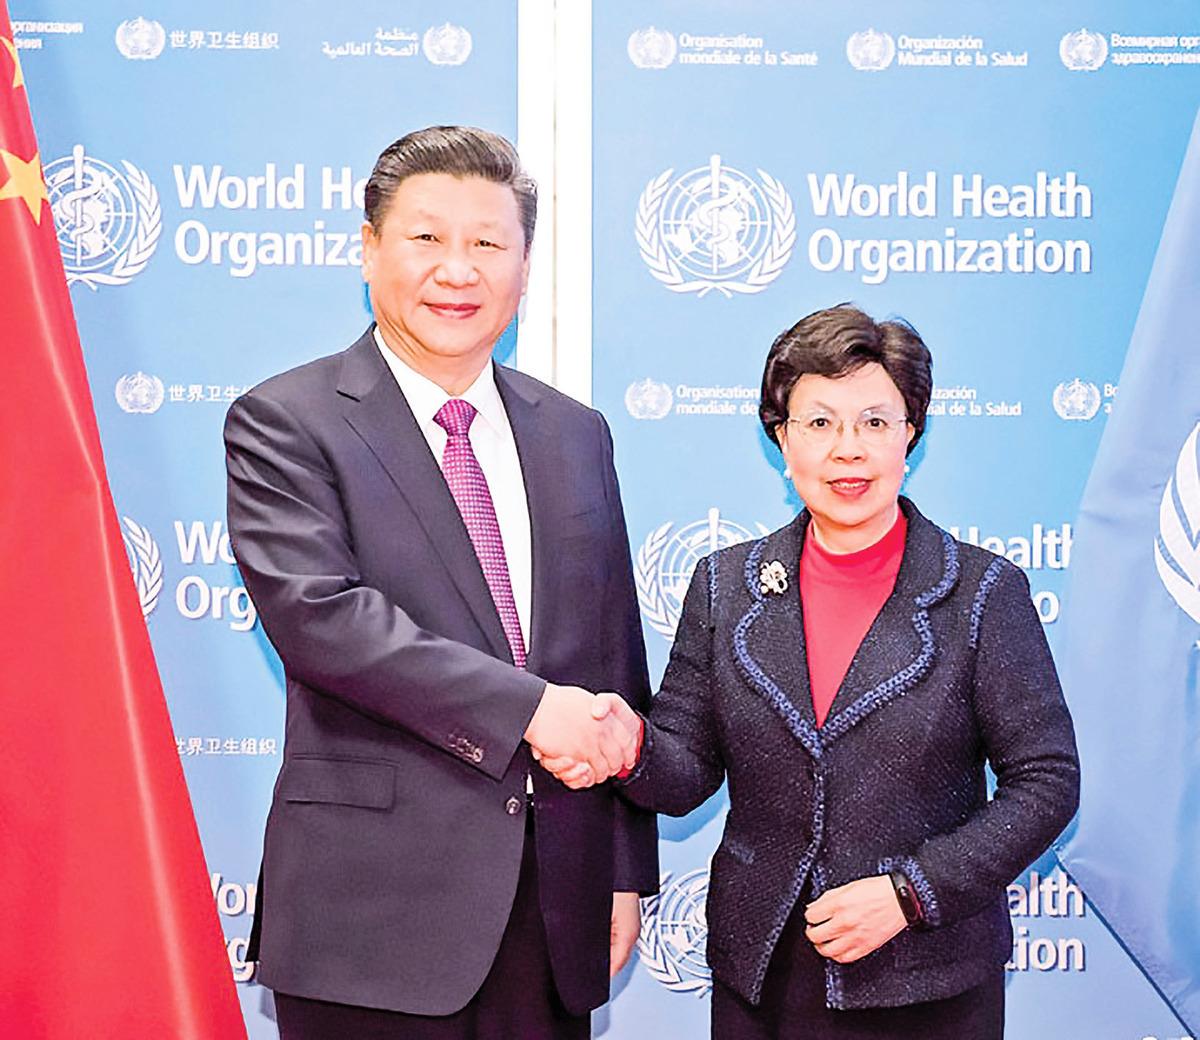 2017年1月習近平訪問世衛組織,並會見總幹事陳馮富珍。(網絡截圖)